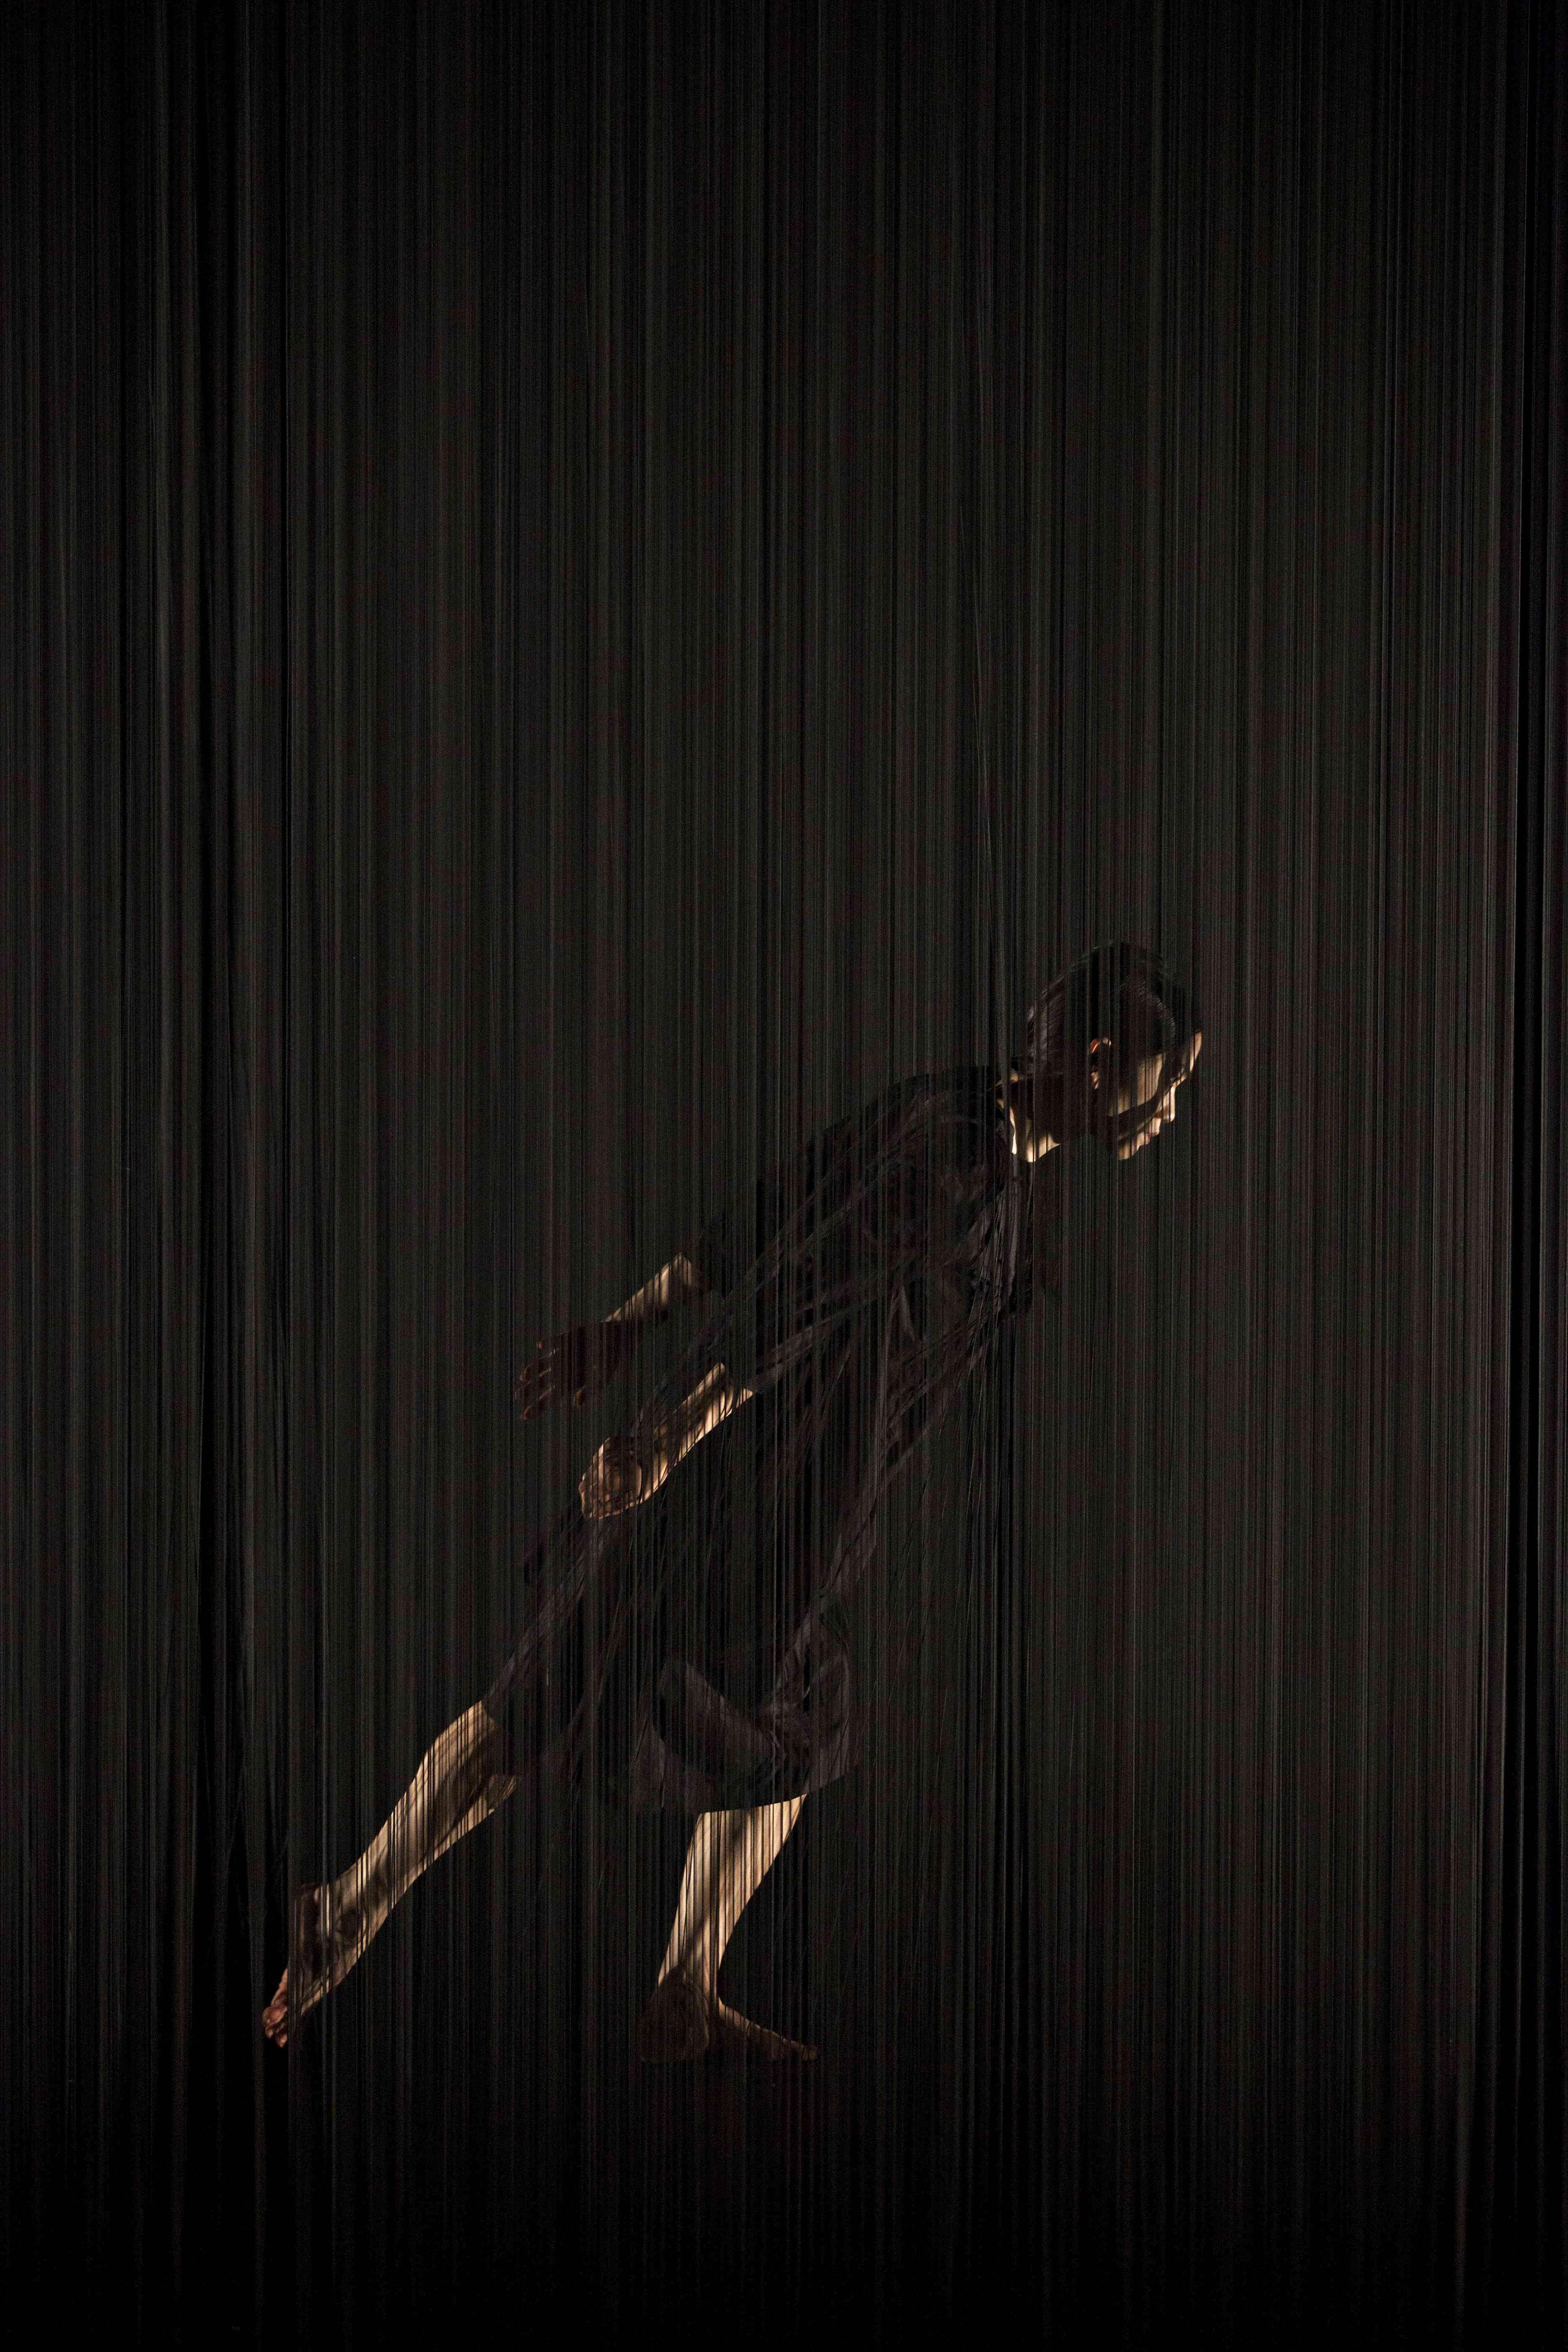 2013-02-27-Plexus4_AglaeBory.jpg